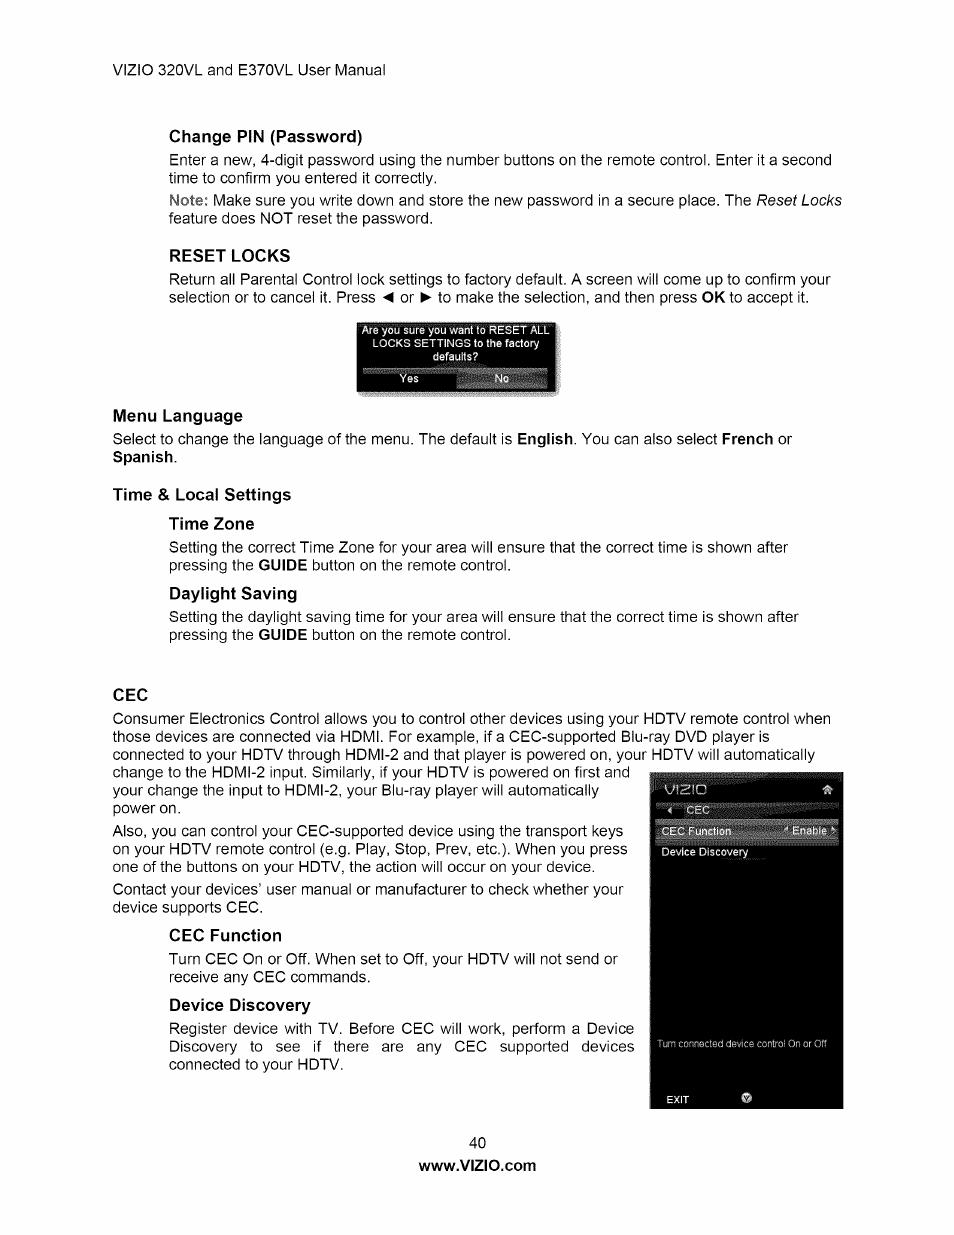 Change pin (password), Reset locks, Menu language | Vizio